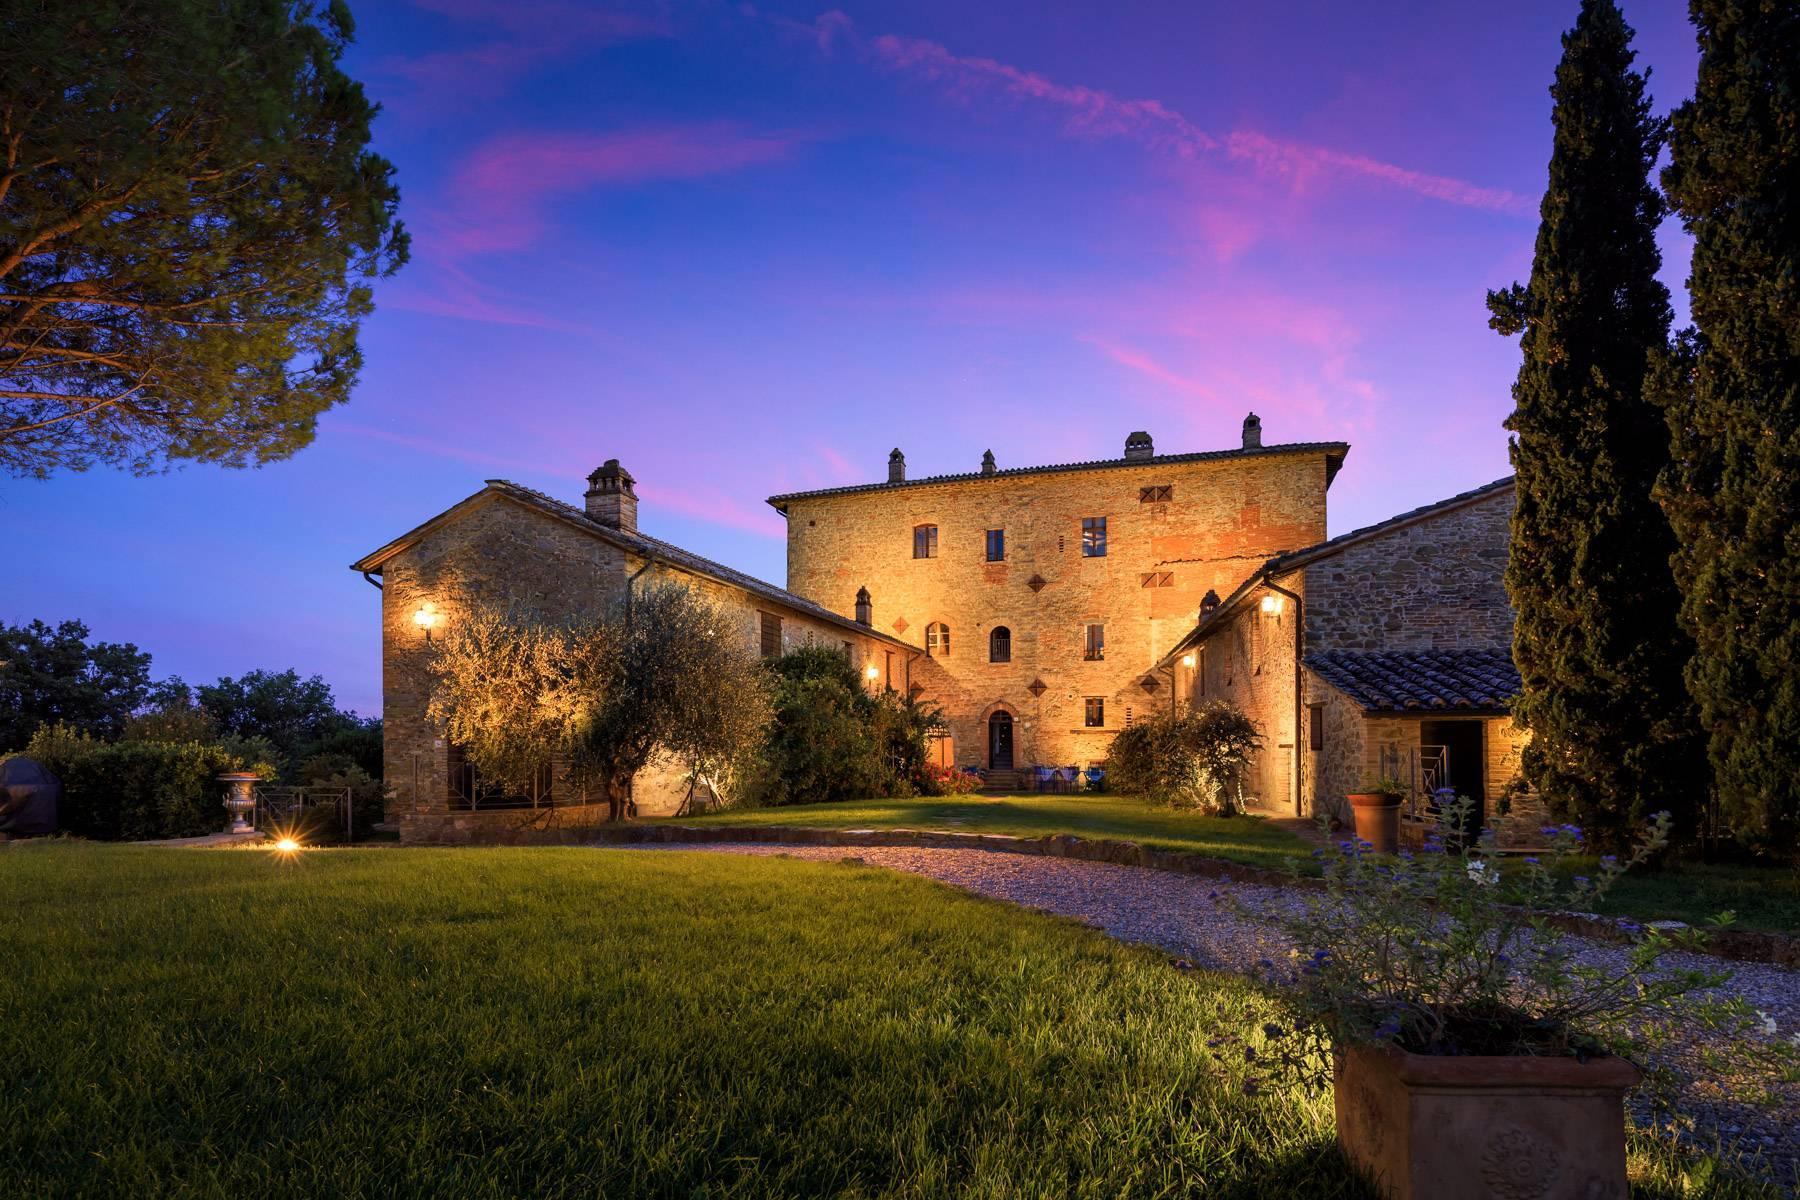 Magnifico castello nel cuore dell'Umbria - 4